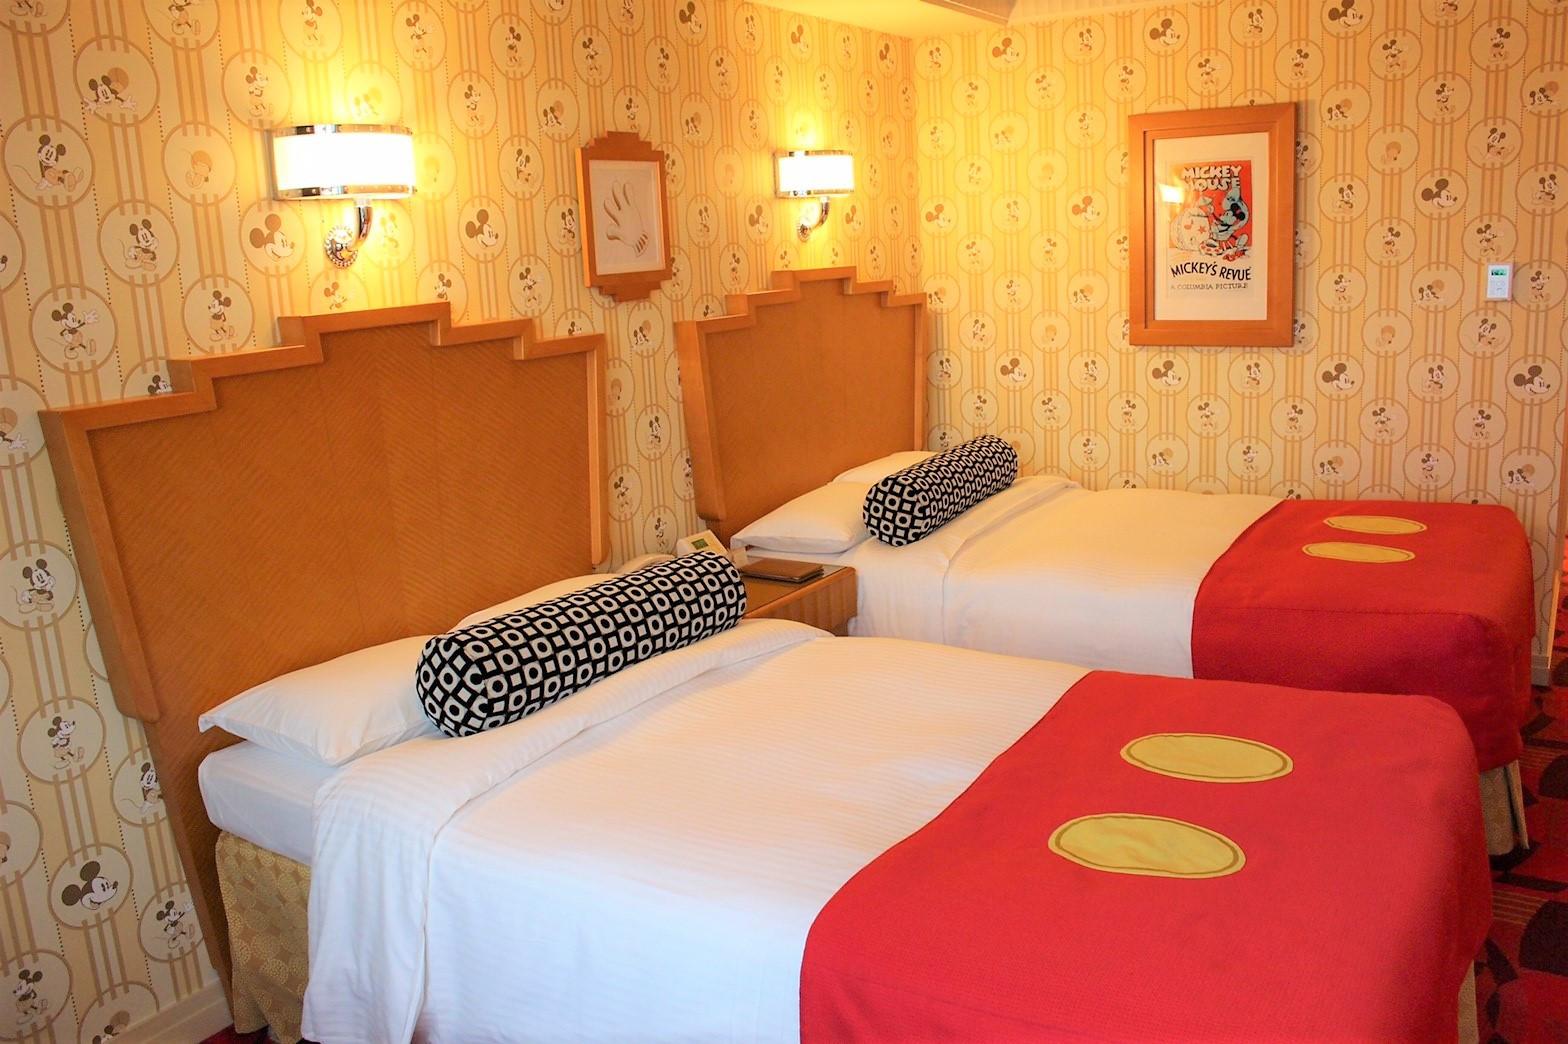 ディズニーホテルを安く予約するなら覚えたい6つの方法